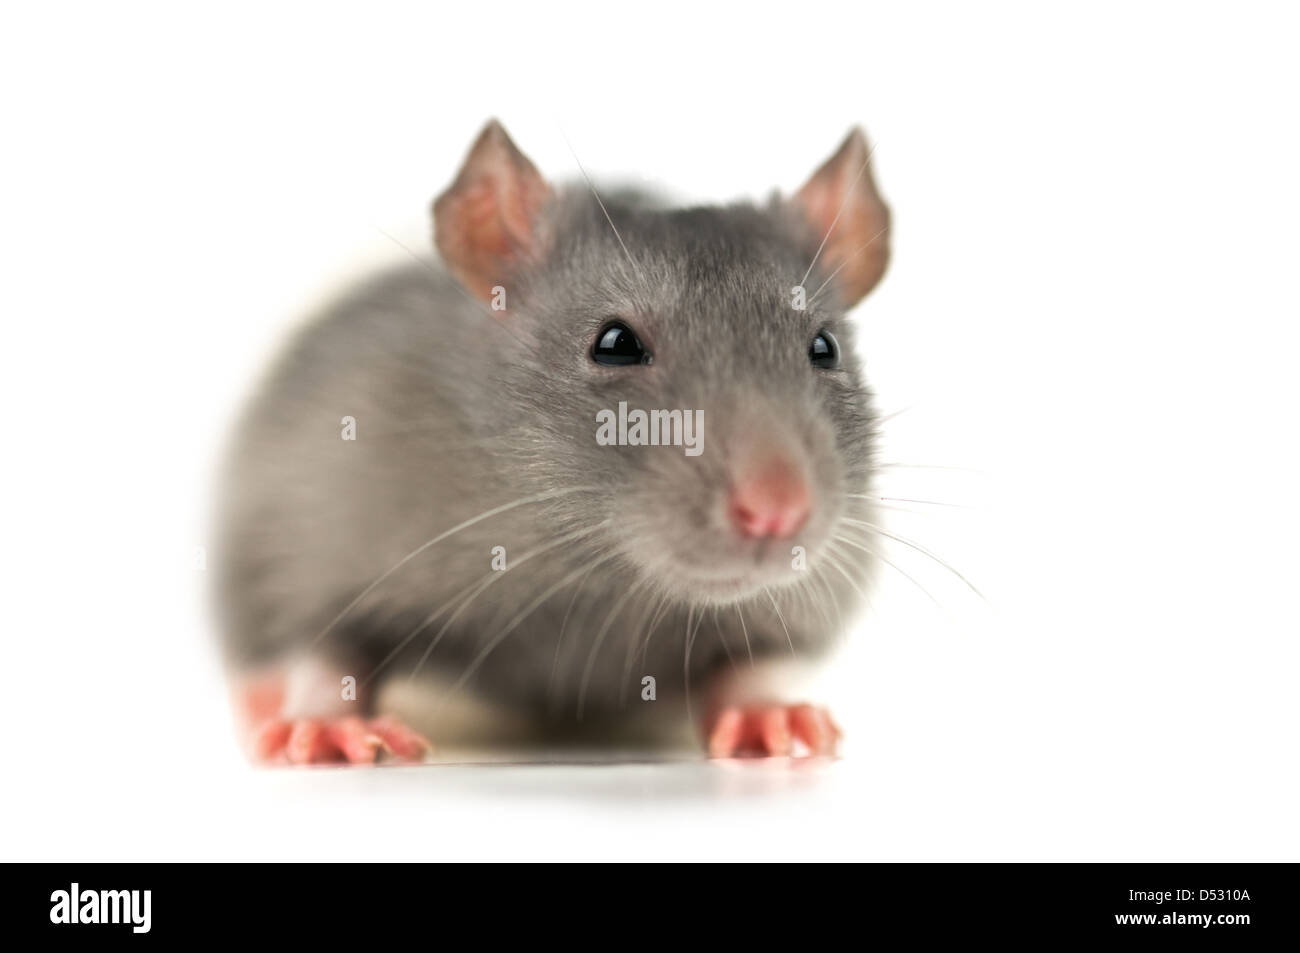 grey rat isolated on white - Stock Image